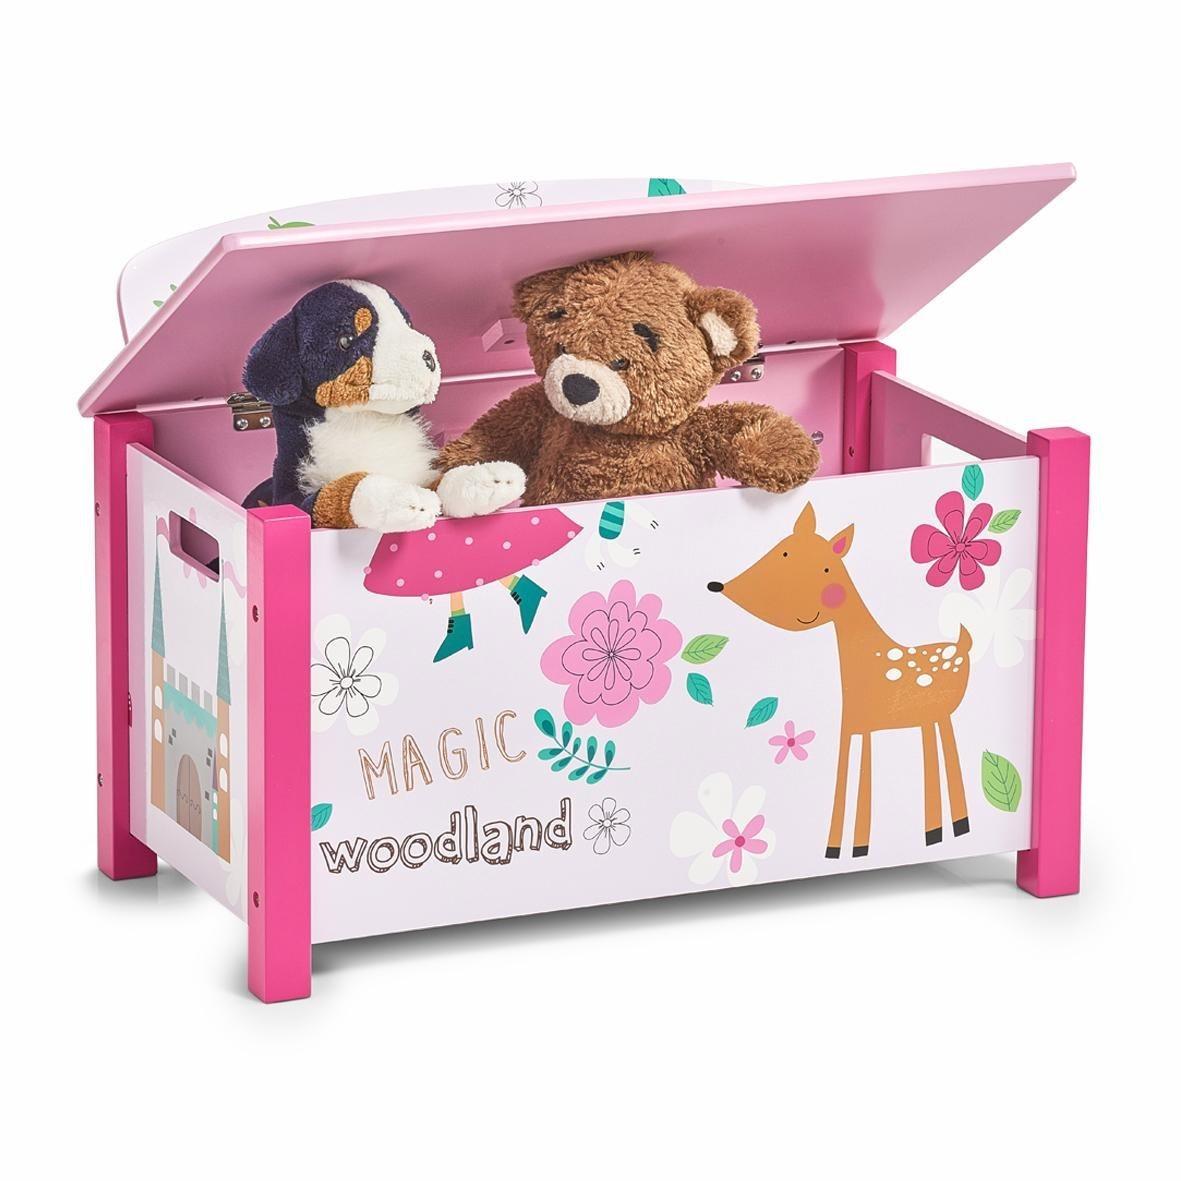 Home affaire Kinder-Sitztruhe »Girly« | Küche und Esszimmer > Sitzbänke > Sitztruhen | Home affaire